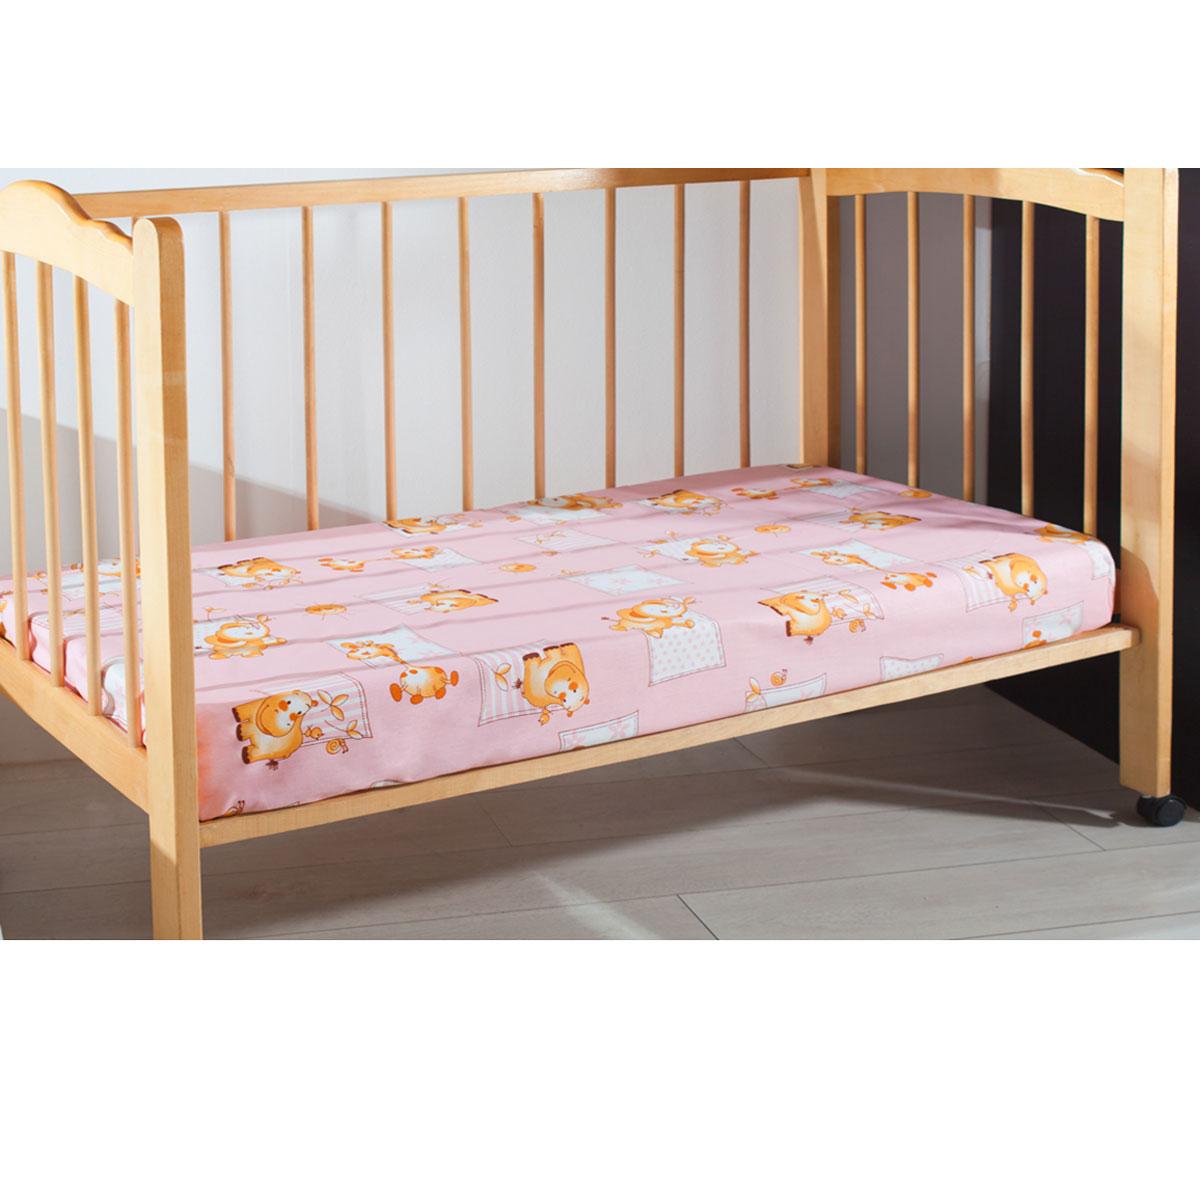 Простыня детская Primavelle, цвет: розовый, 120 см х 180 см11461210-26Мягкая простыня на резинке Primavelle идеально подойдет для кроватки вашего малыша и обеспечит ему здоровый сон. Она изготовлена из натурального 100% хлопка, дарящего малышу непревзойденную мягкость. Подарите вашему малышу комфорт и удобство!